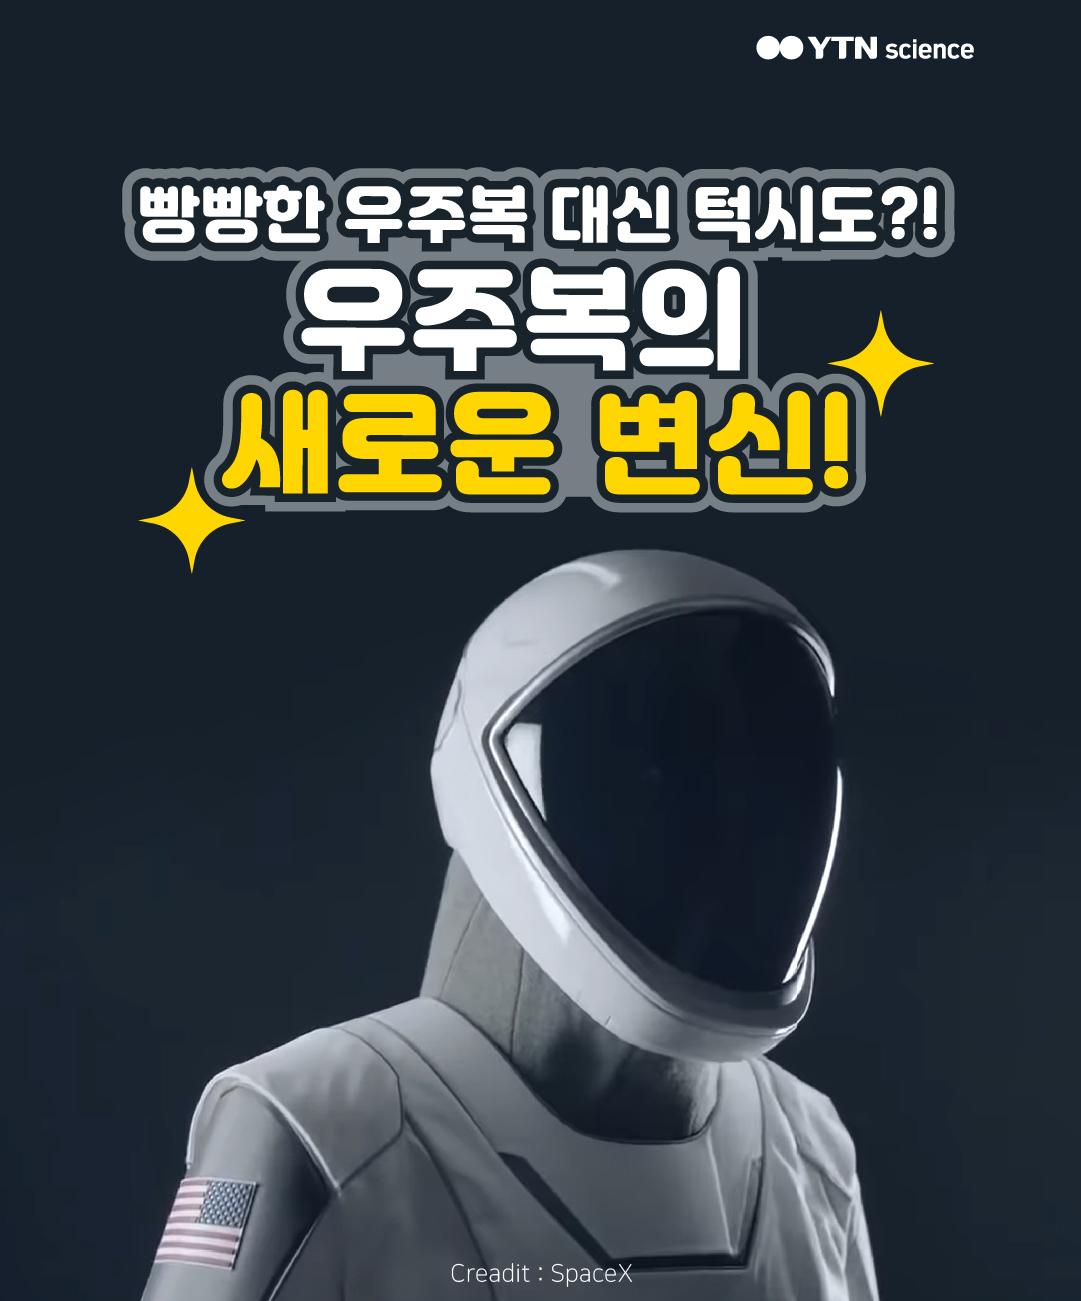 빵빵한 우주복 대신 턱시도?! 우주복의 새로운 변신! 이미지